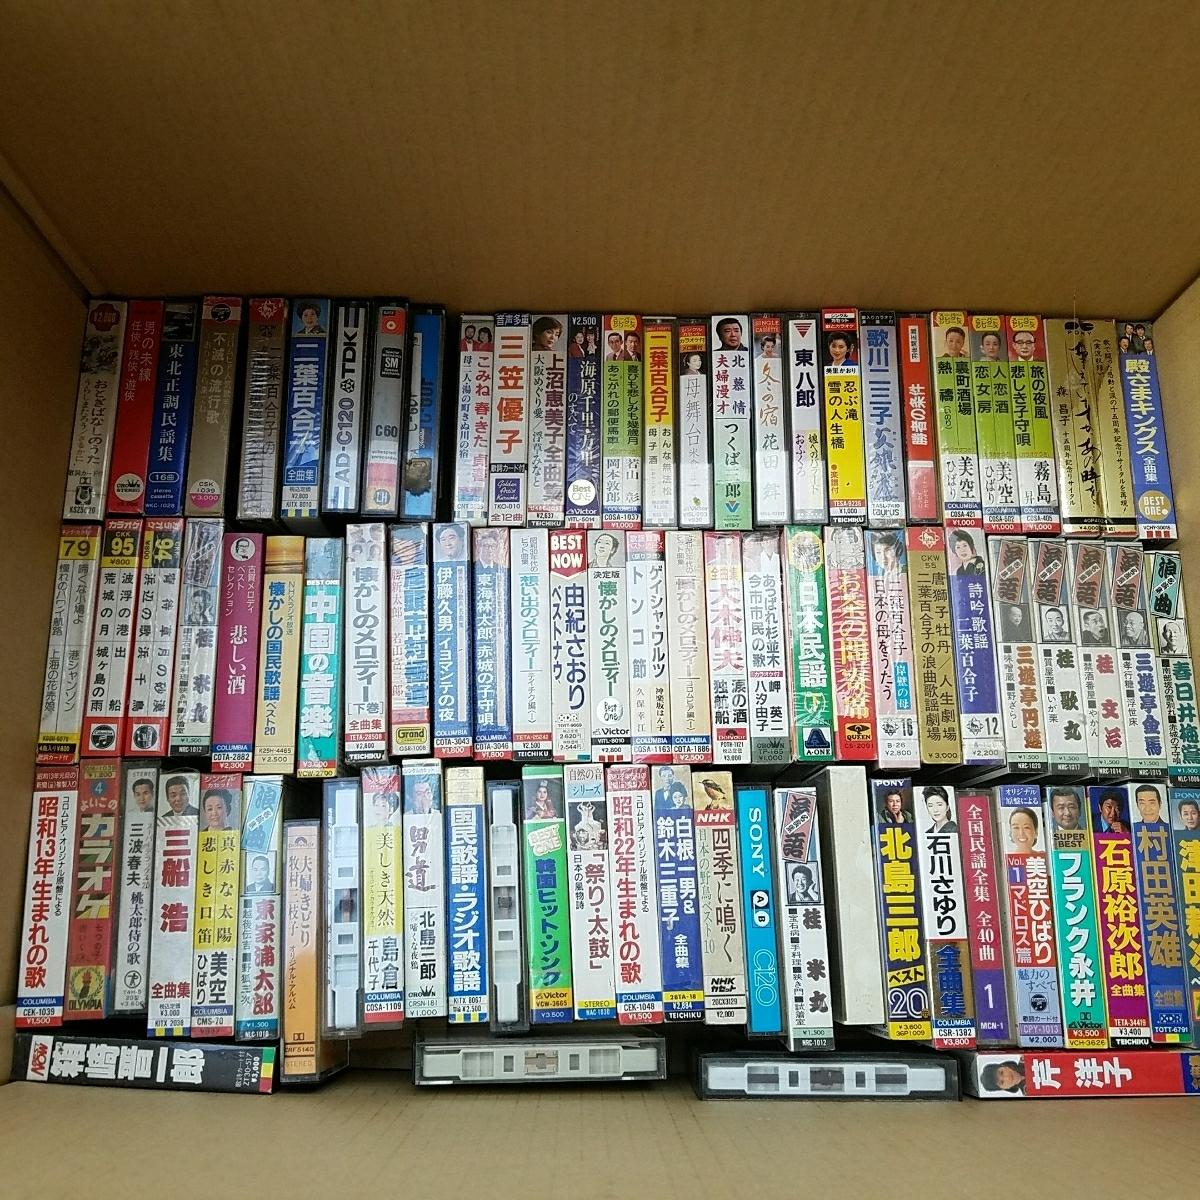 【大量】 240本 お買い得 カセットテープ まとめて まとめ まとめ売り 主に 演歌 美空ひばり